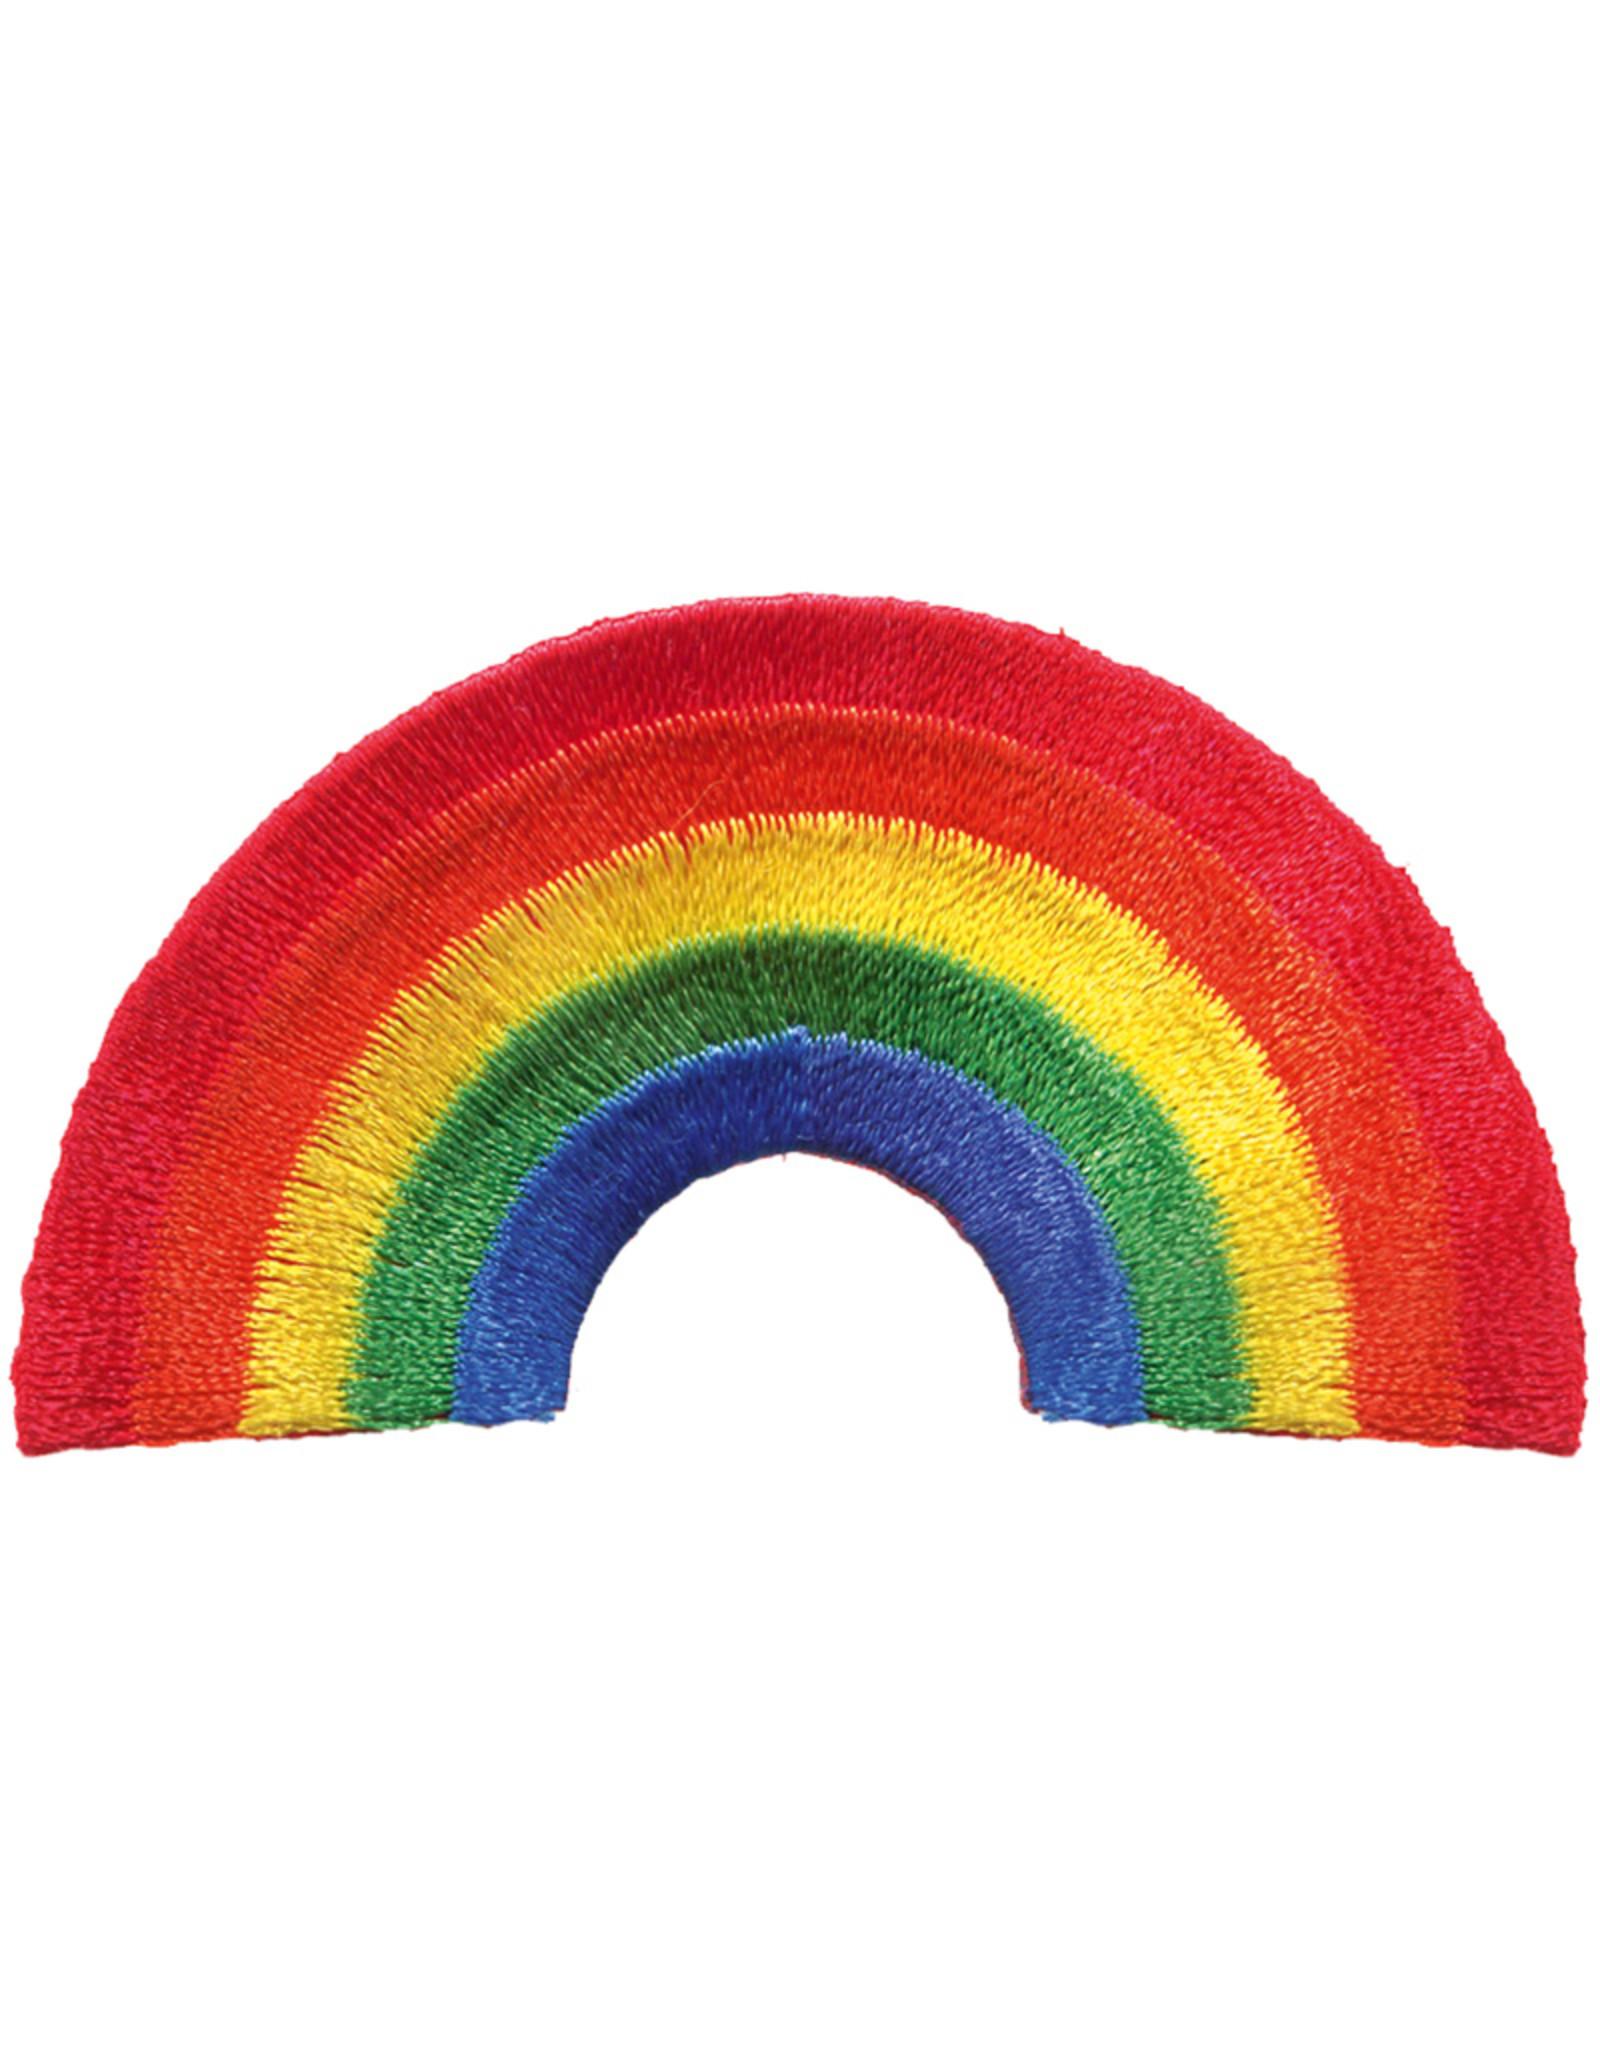 Strijkapplicatie - Rainbow